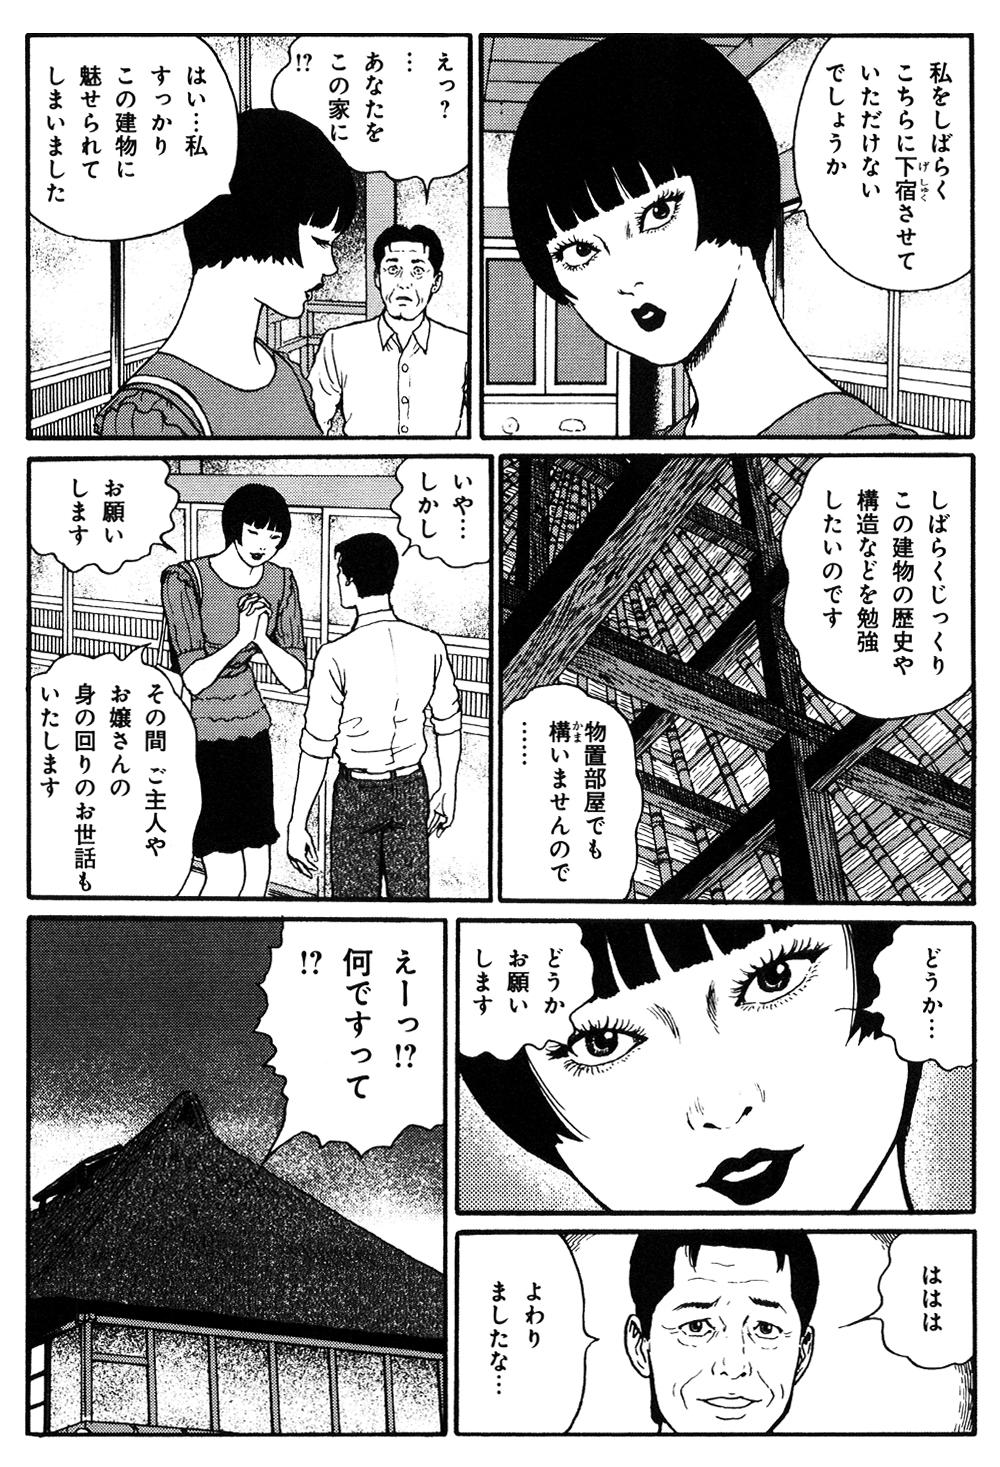 魔の断片 第2話「木造の怪」①manodanpen02-08.jpg